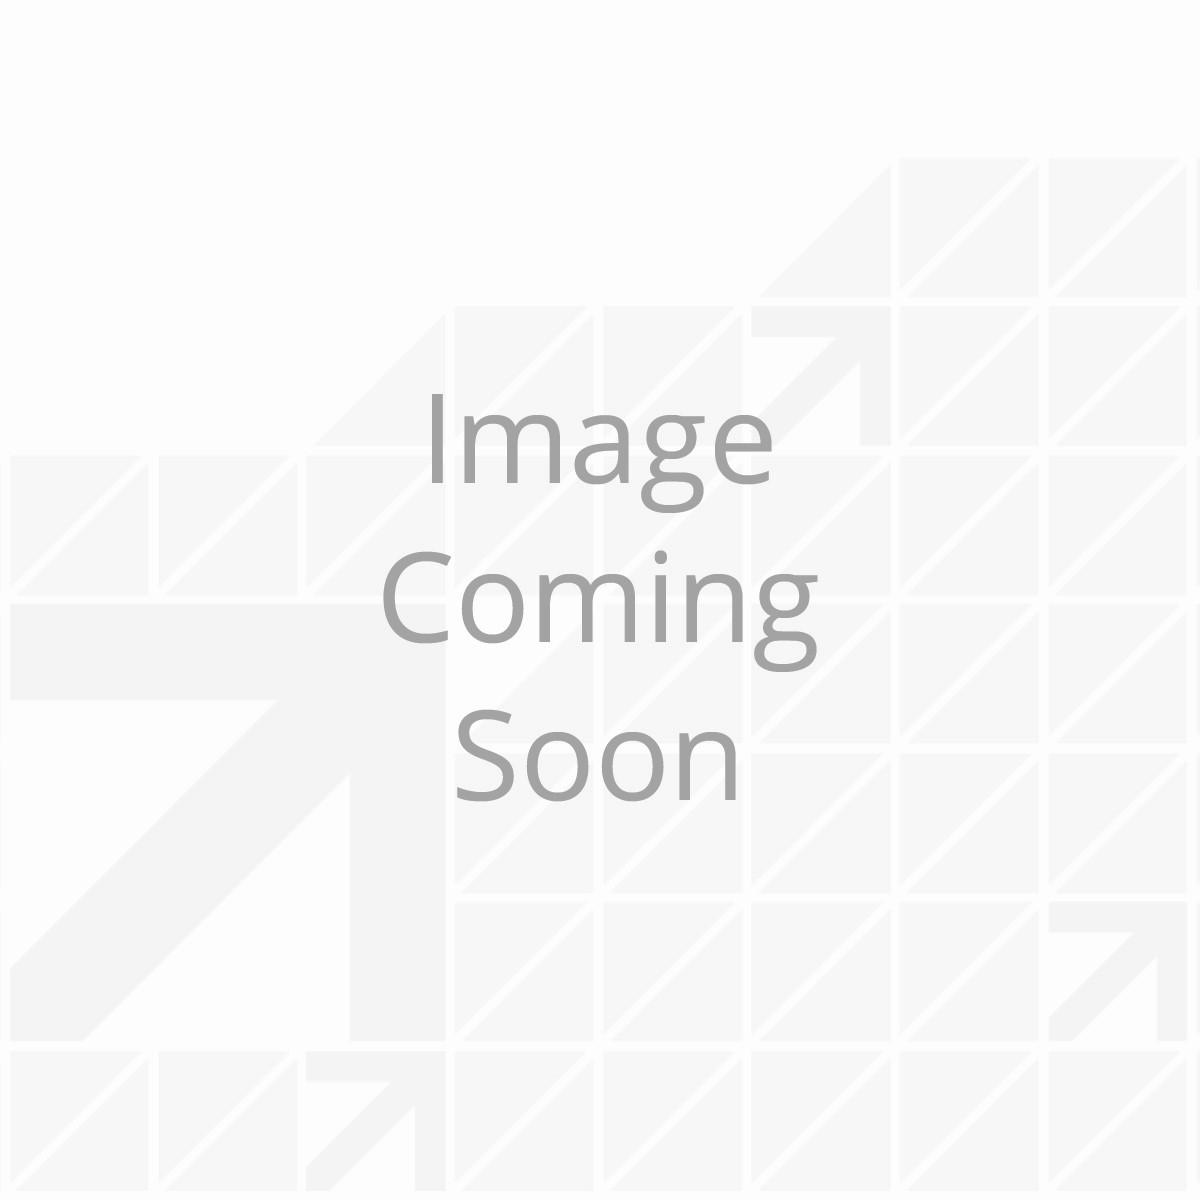 Rear Elec Stab Jack Adapter; 9/16 -  5/8 I.D. 7/8 O.D.; X 2 1/2